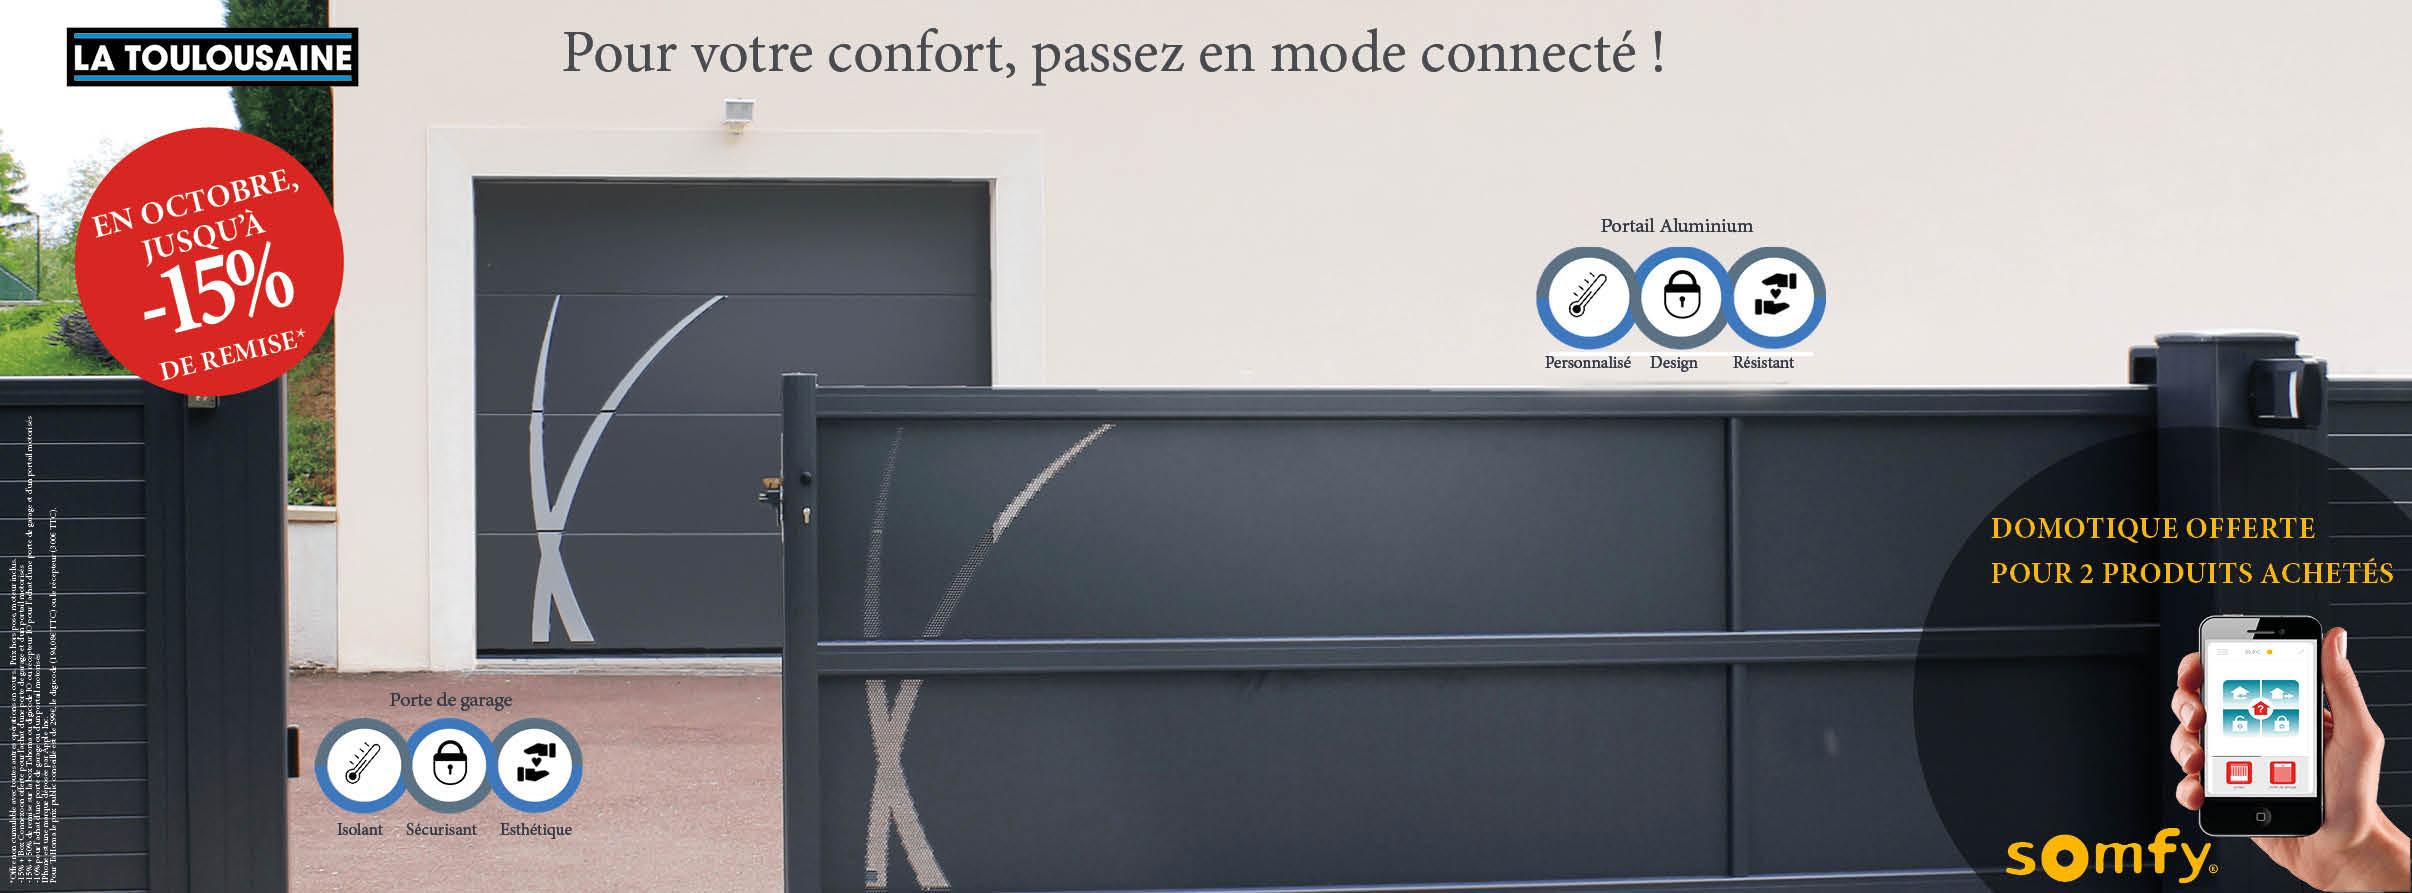 -15% sur portails/portes de garage motorisés SOMFY !